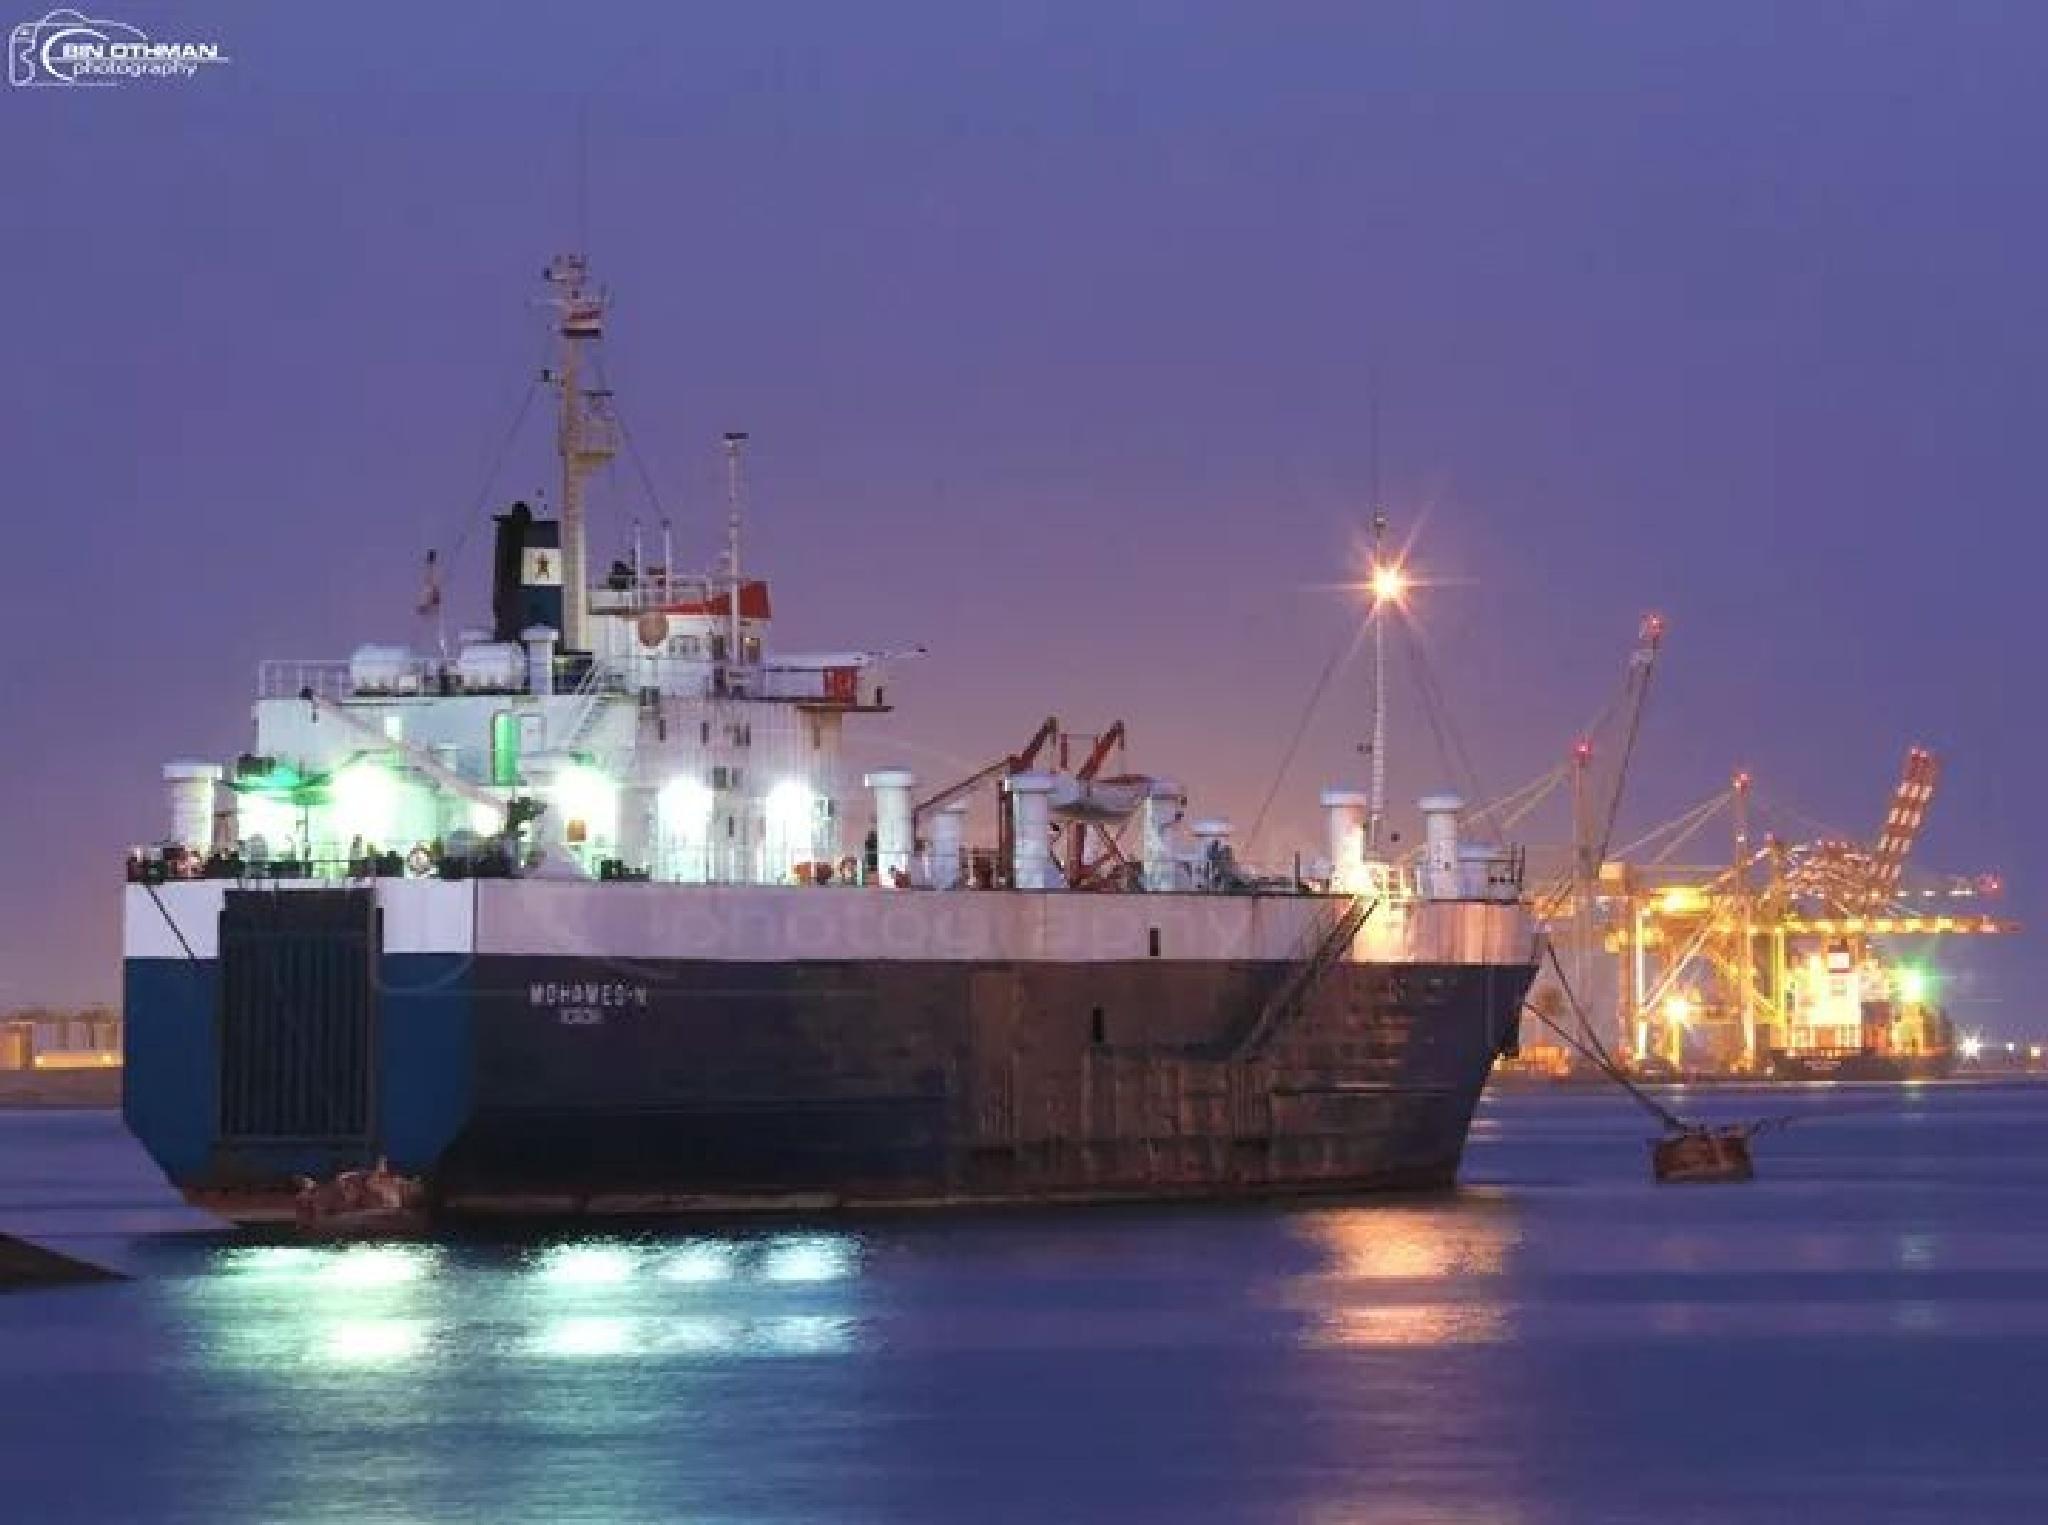 aden sea port by Mohammed Bin Othman